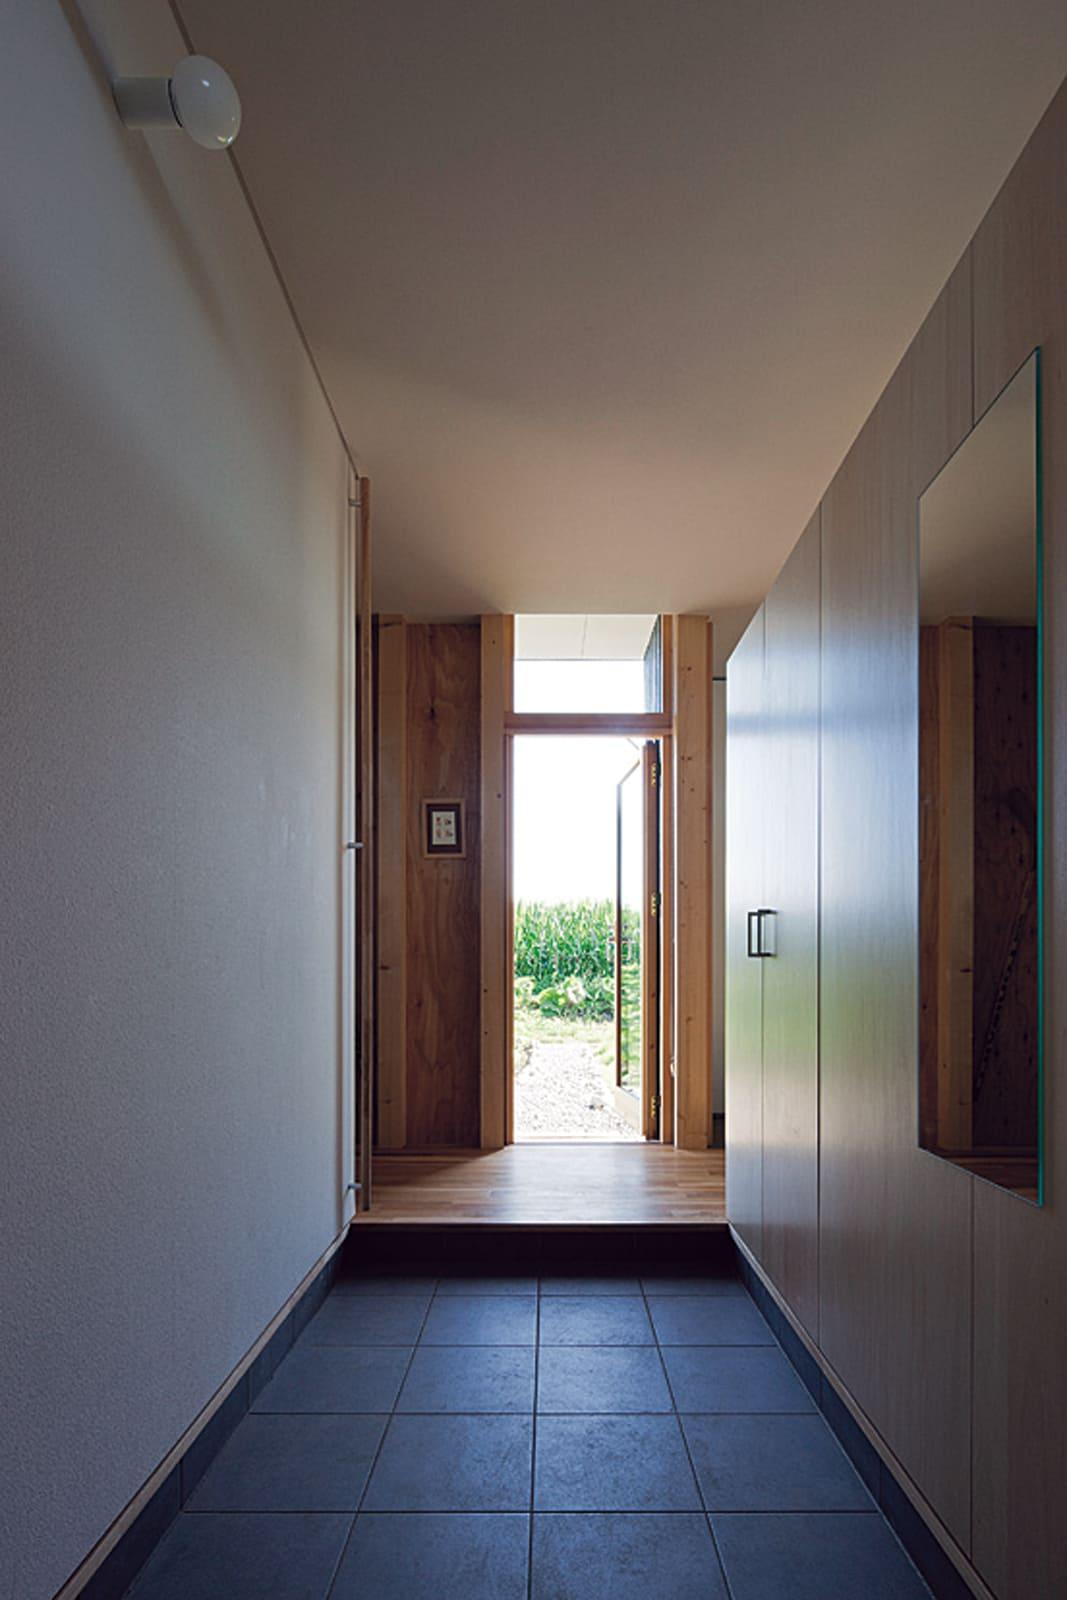 中央の玄関を入ると南側の庭まで視線が抜ける。夏は緑、冬には雪景色が楽しめる